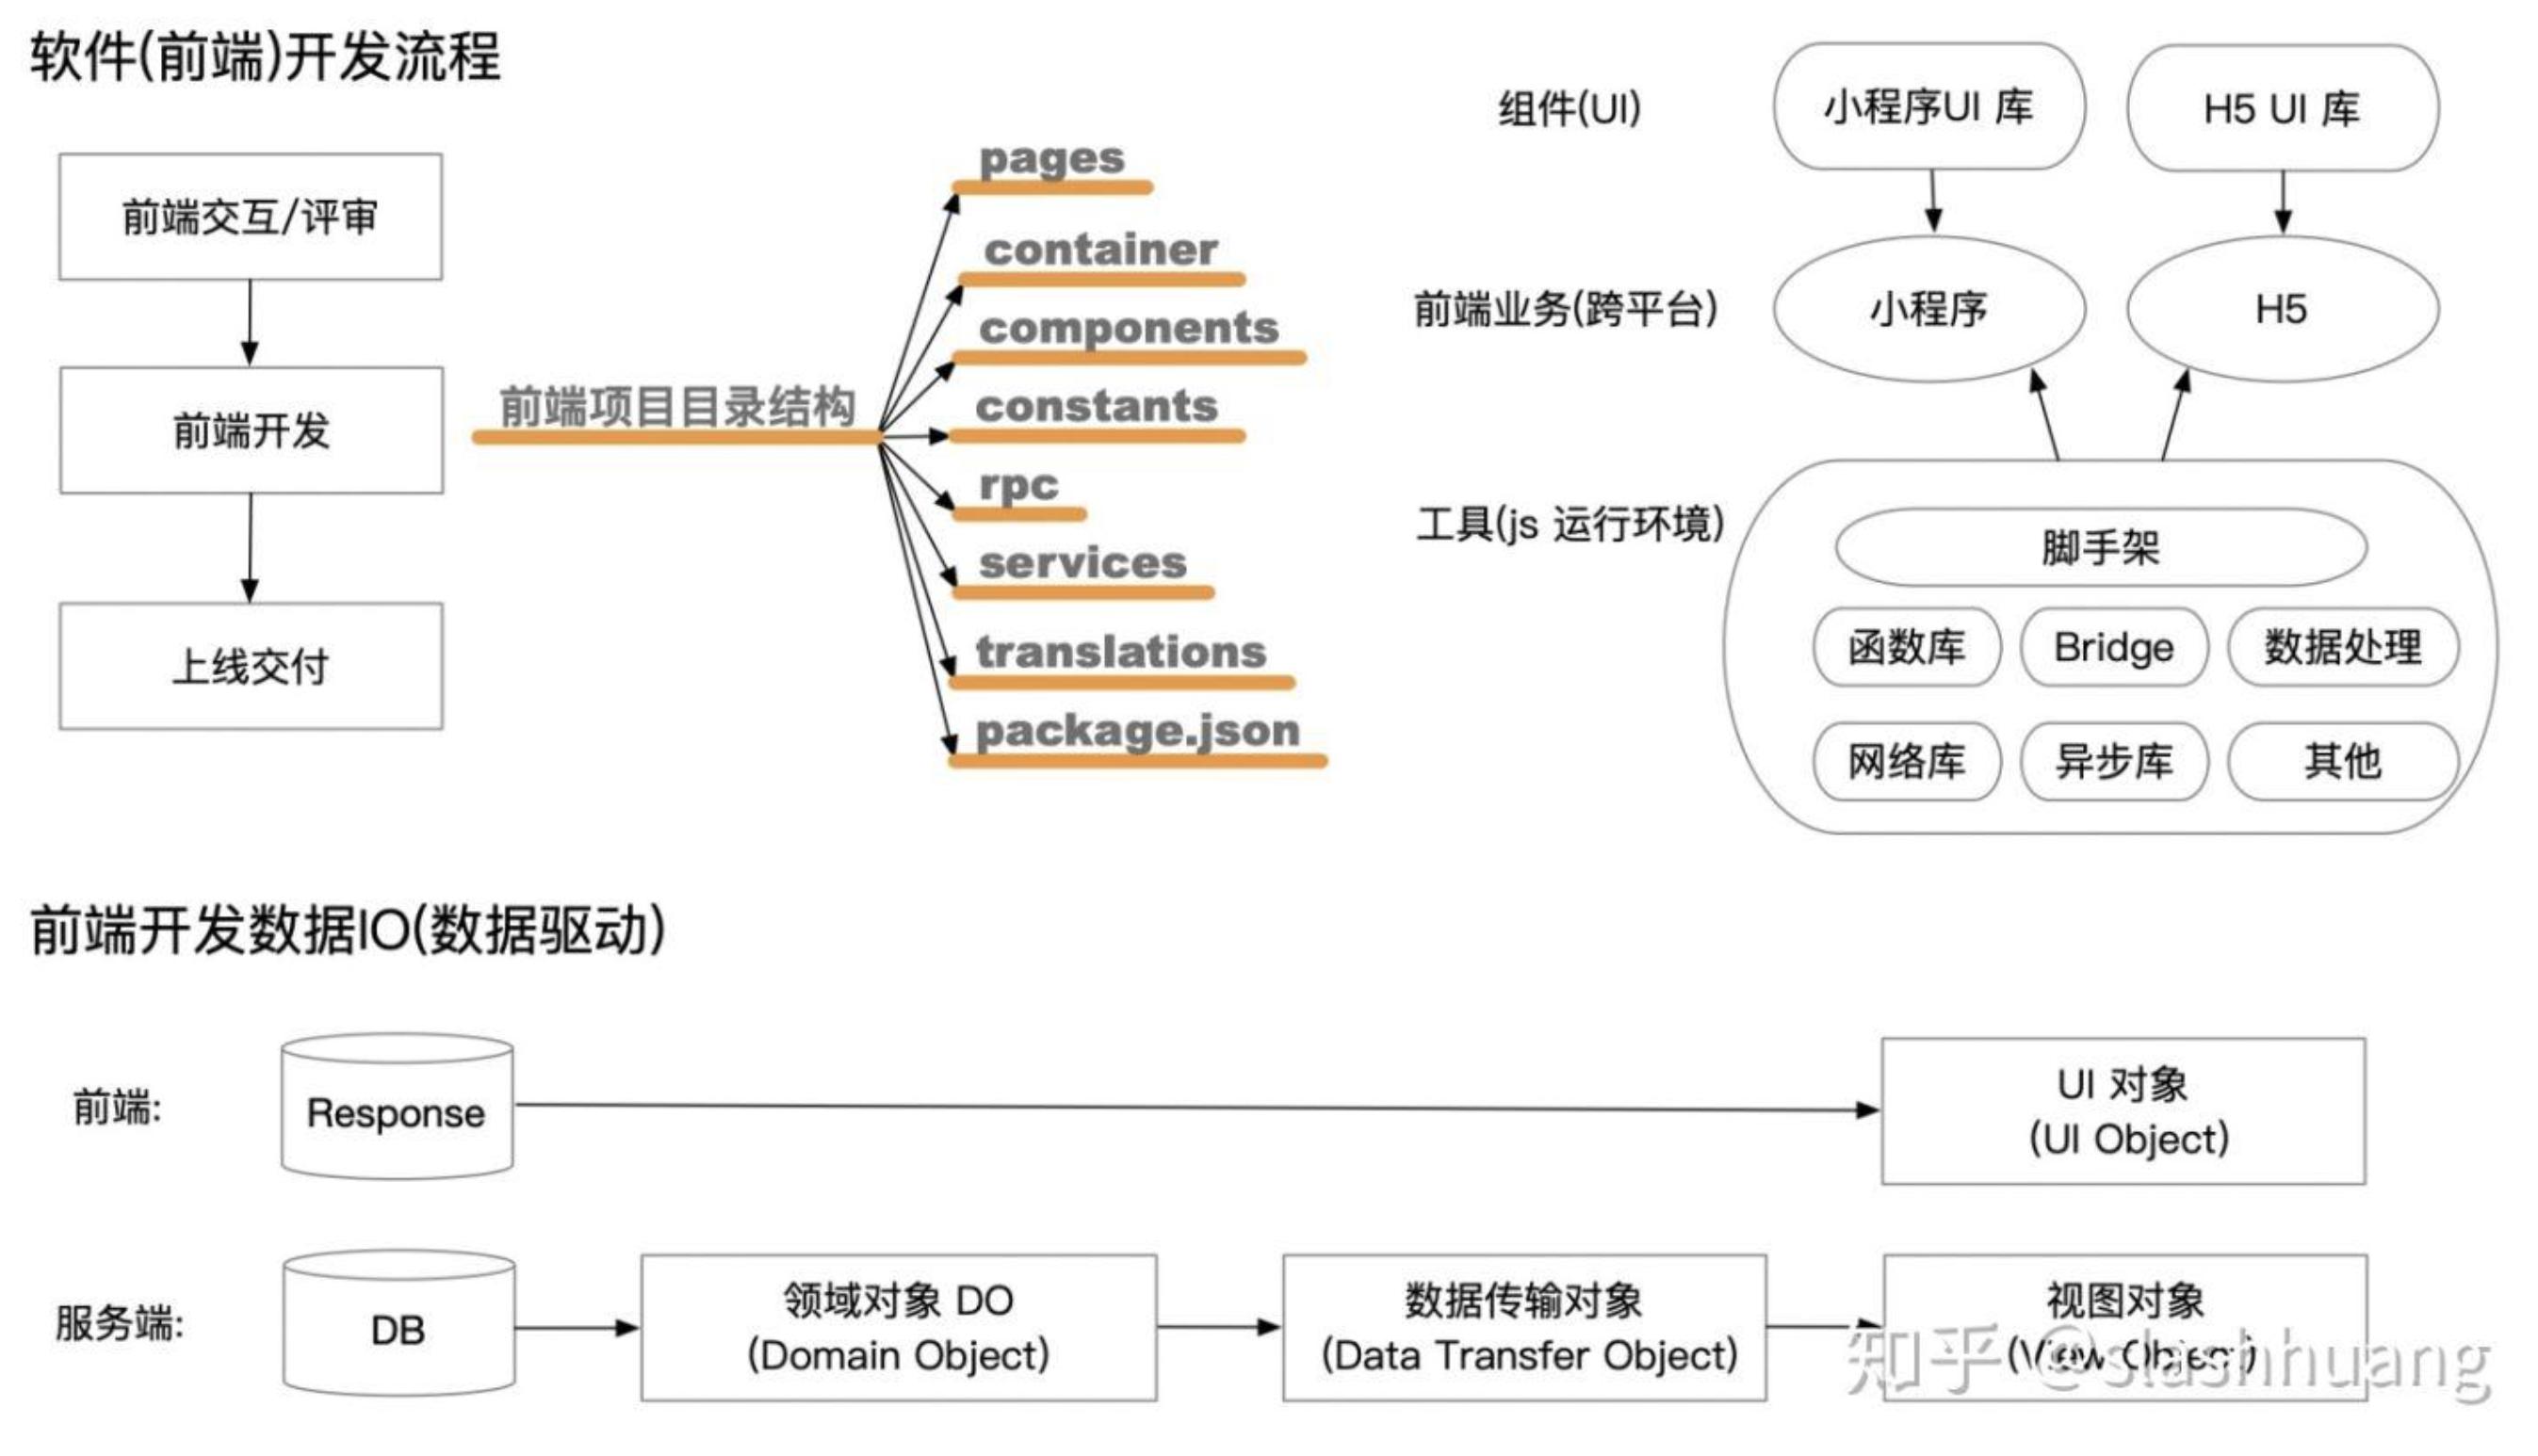 前端领域模型,重构前端研发模式